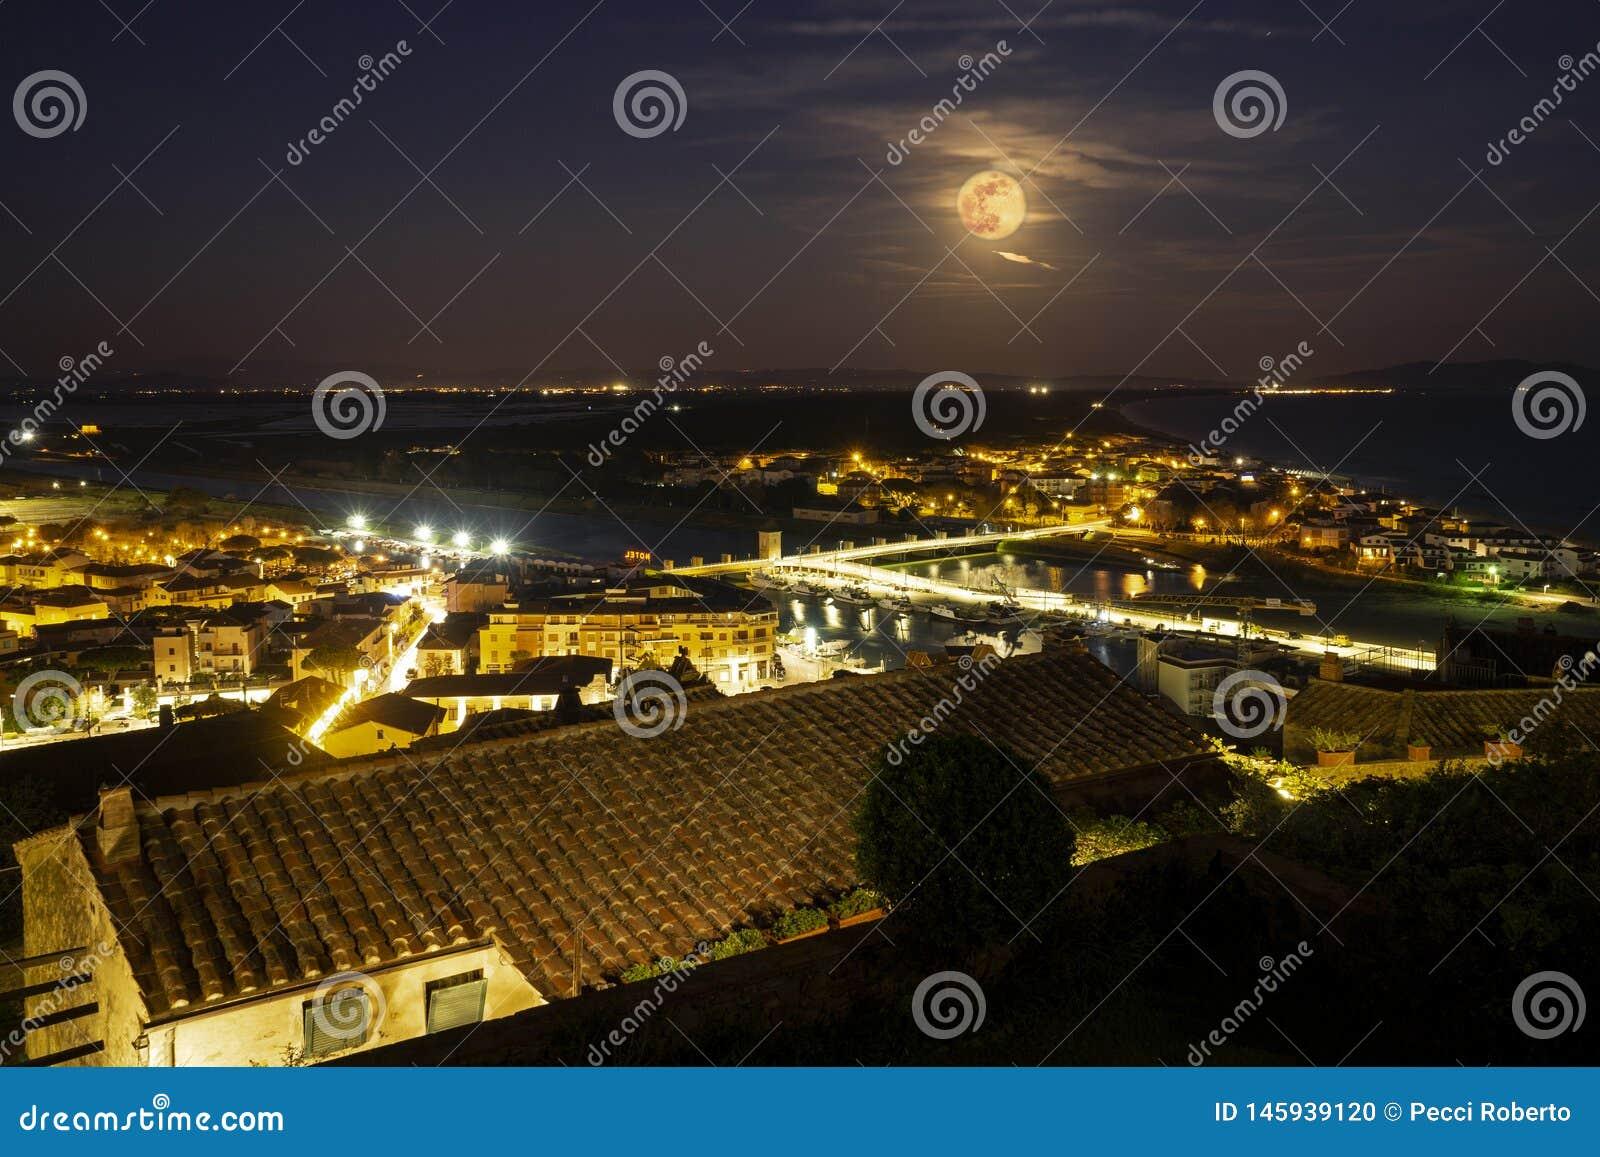 Della Pescaia, rosa Vollmondnacht, panoramisches Nachtbild Italiens Toskana Castiglione